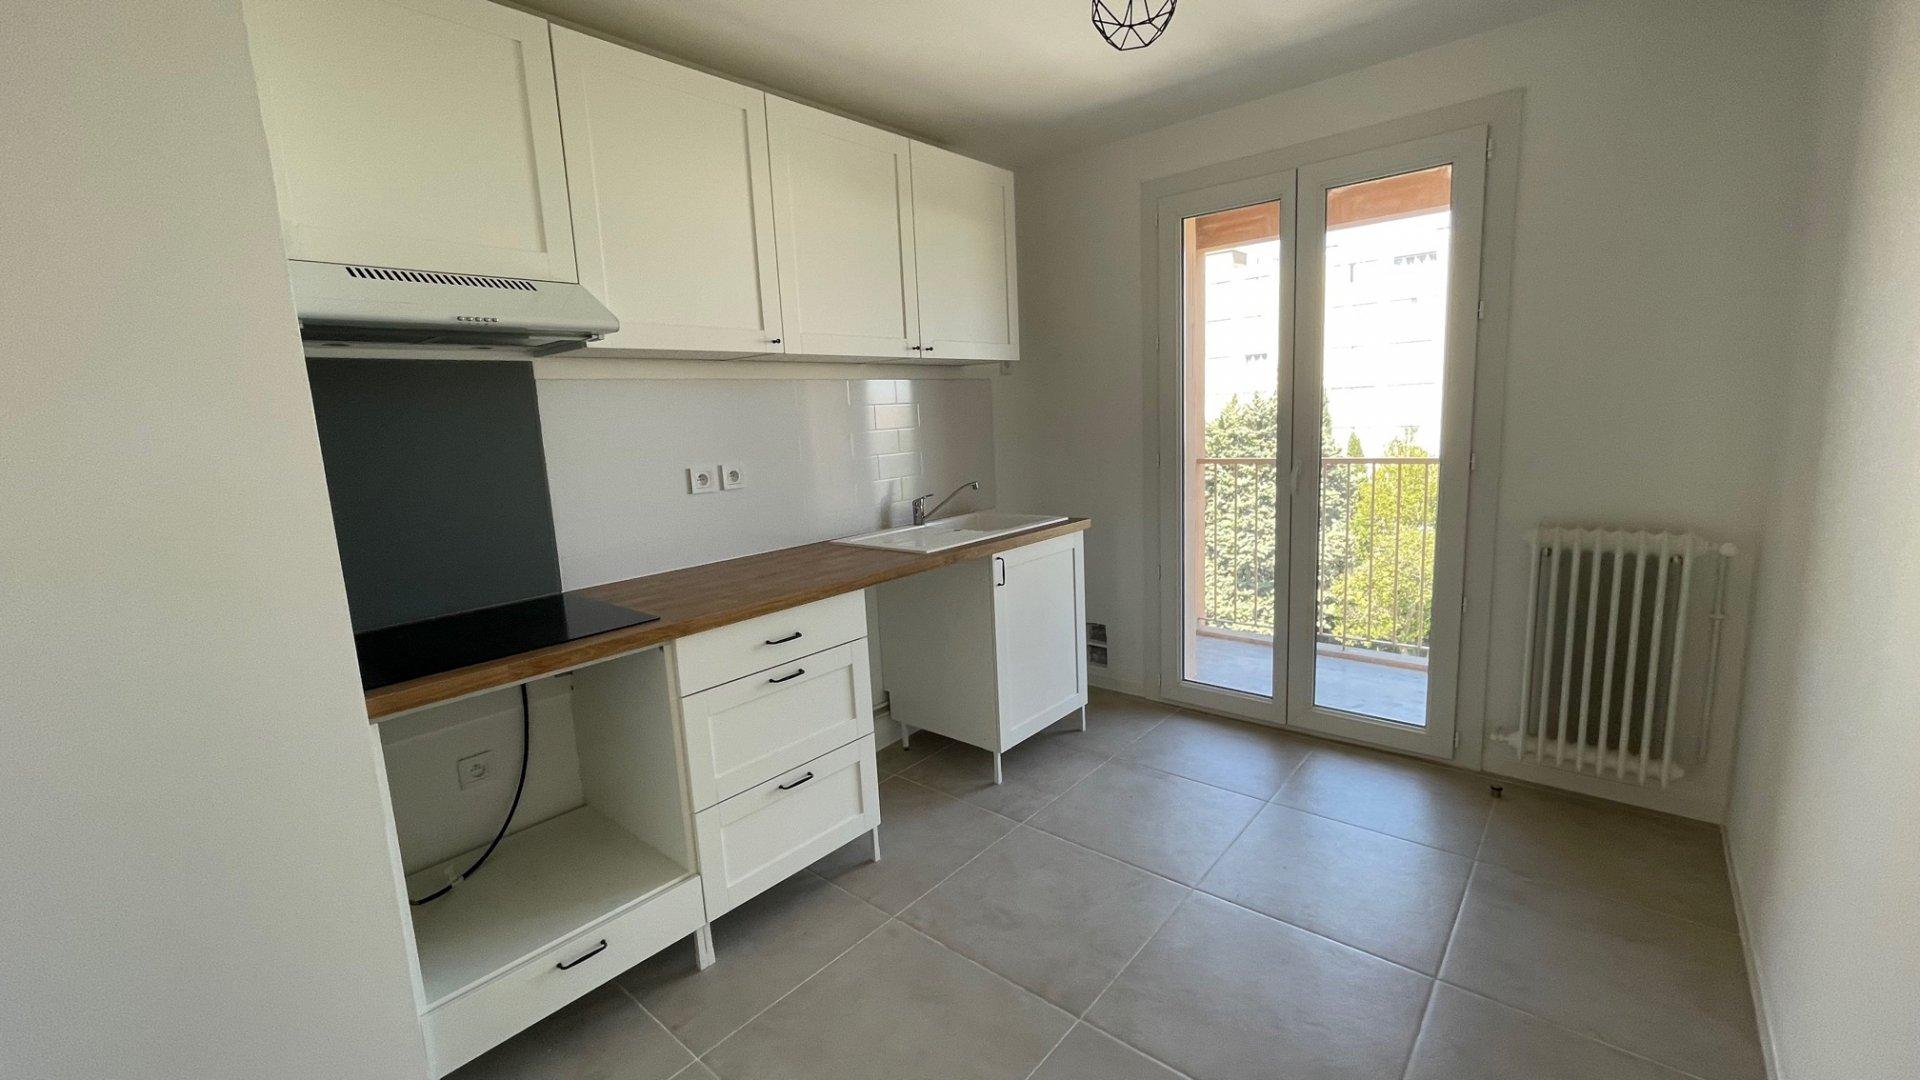 Appartement type 2, refait à neuf, 48m², chambre, terrasse